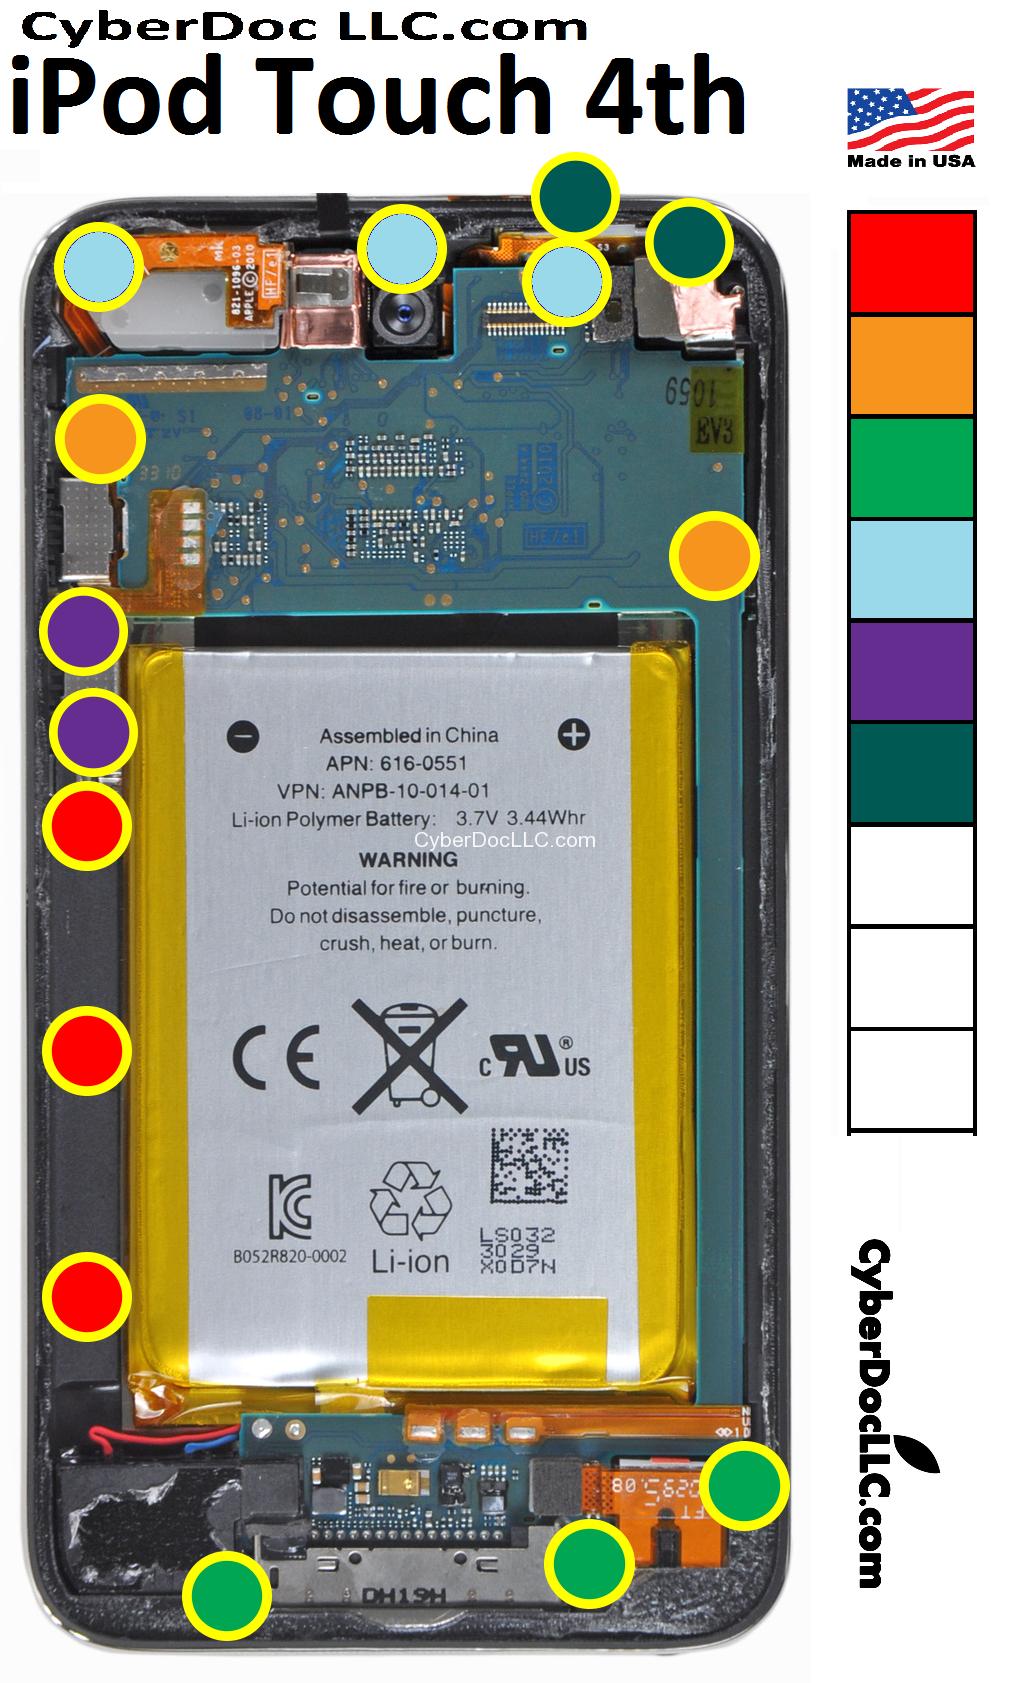 Ipod 4th Screw Chart Mat Magnetic Cyberdoc Lcd Screen Repair Tool Iphone 4 Screws Diagram